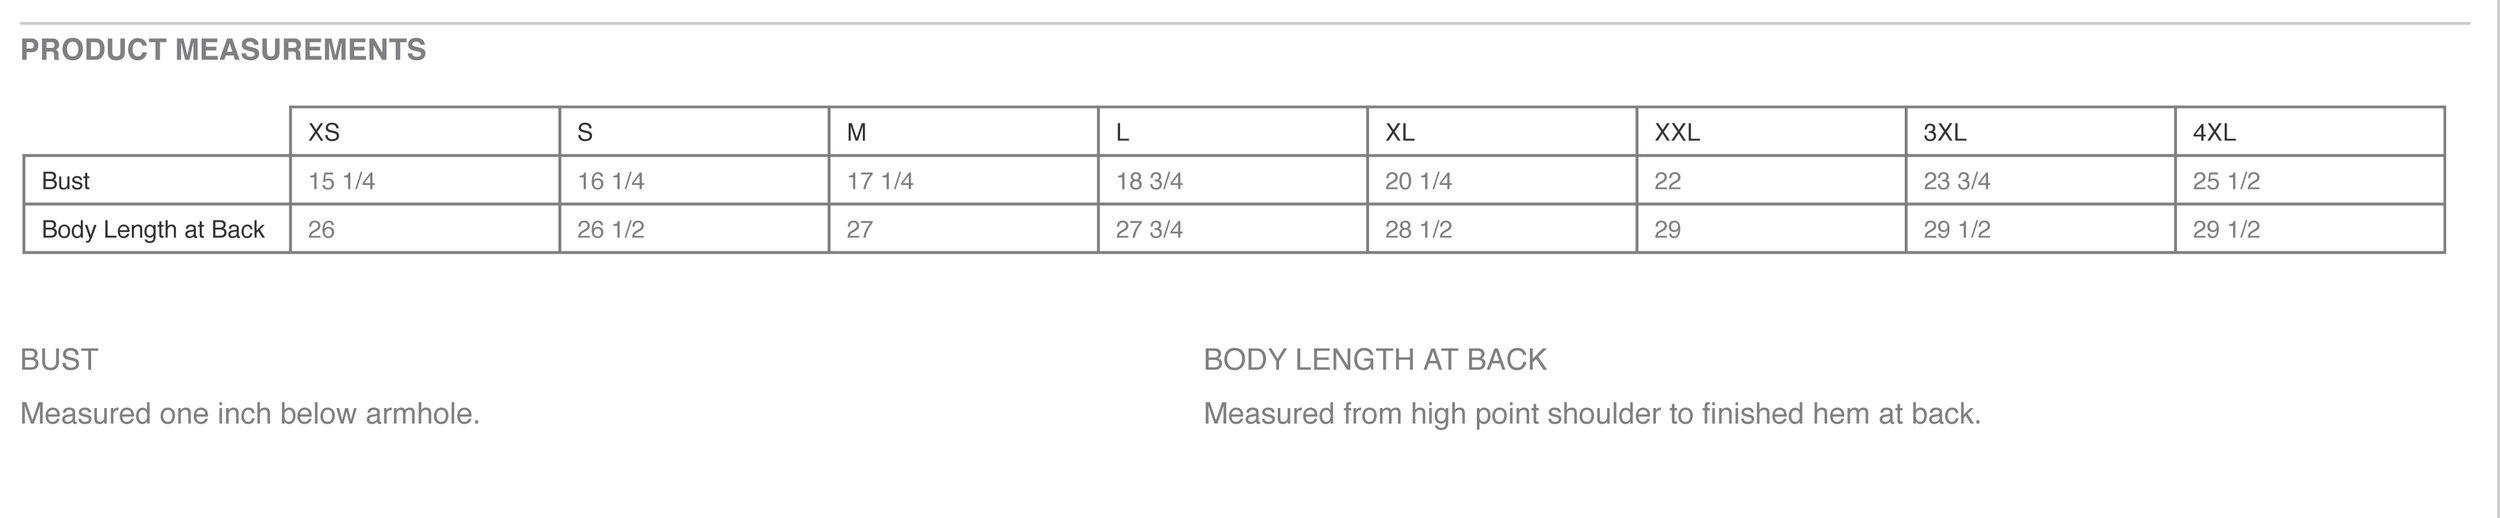 DM138L Product Measurements.jpg